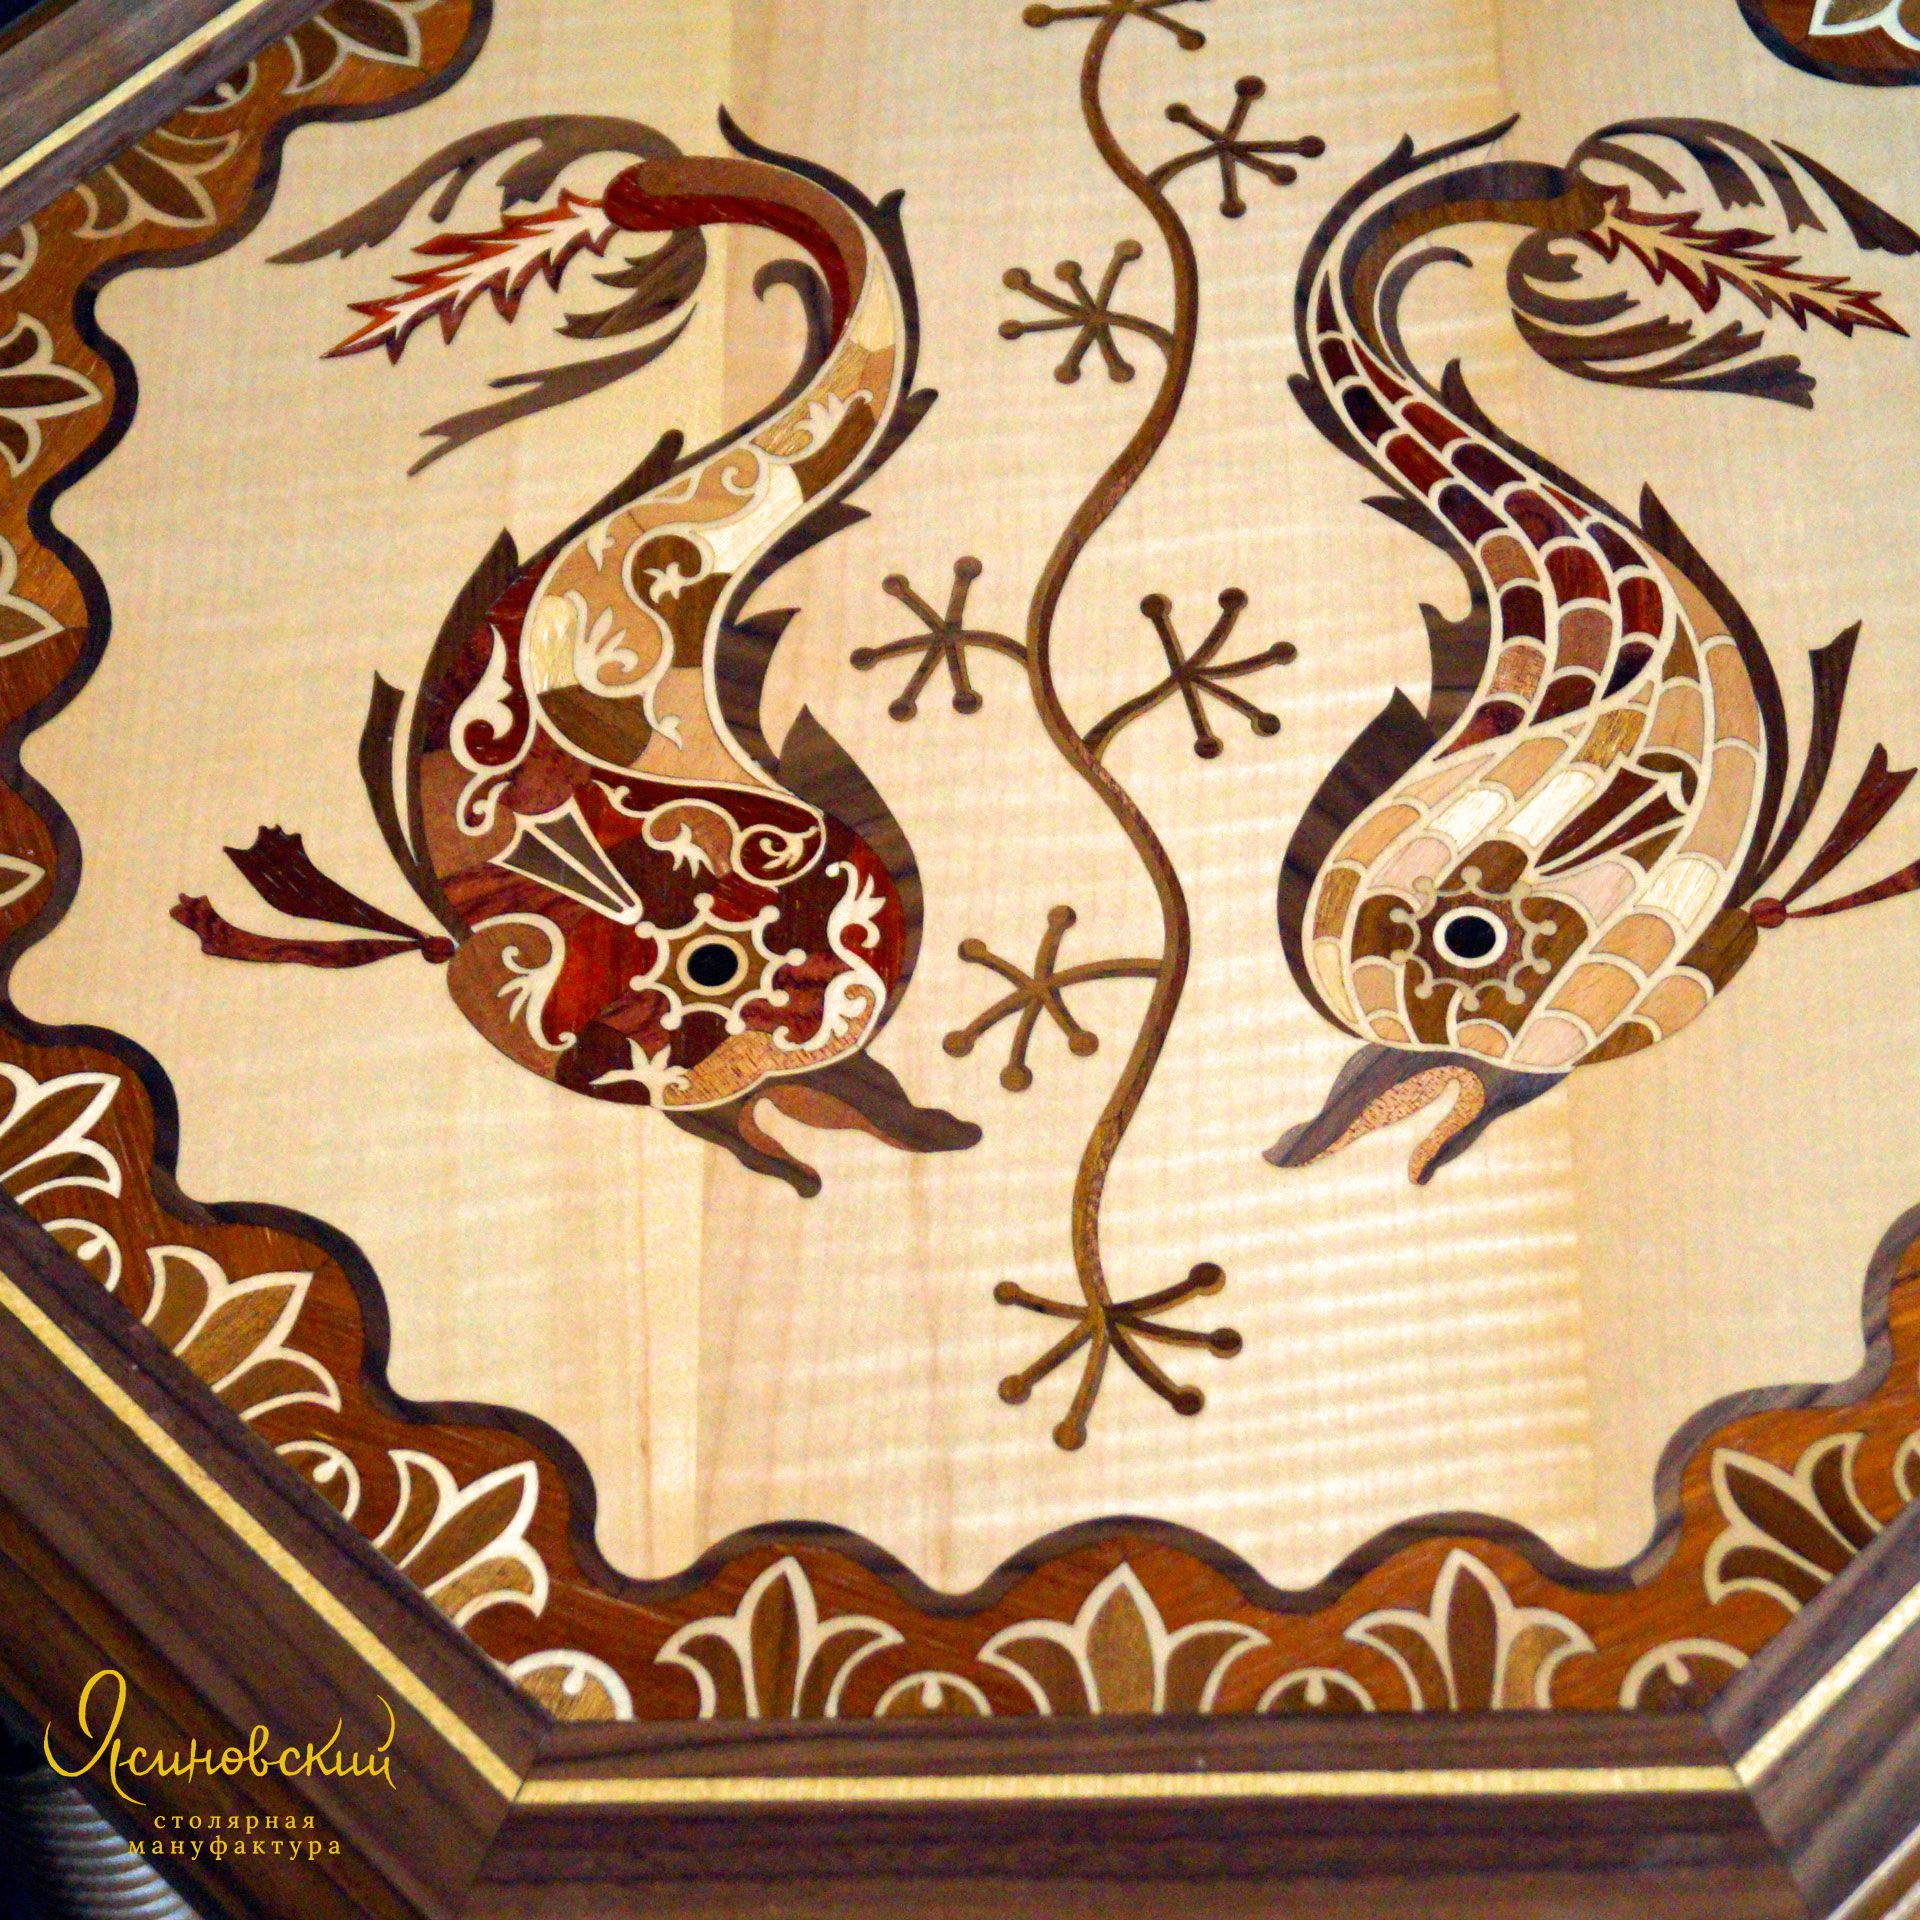 маркетри в стиле флорентийской мозаики